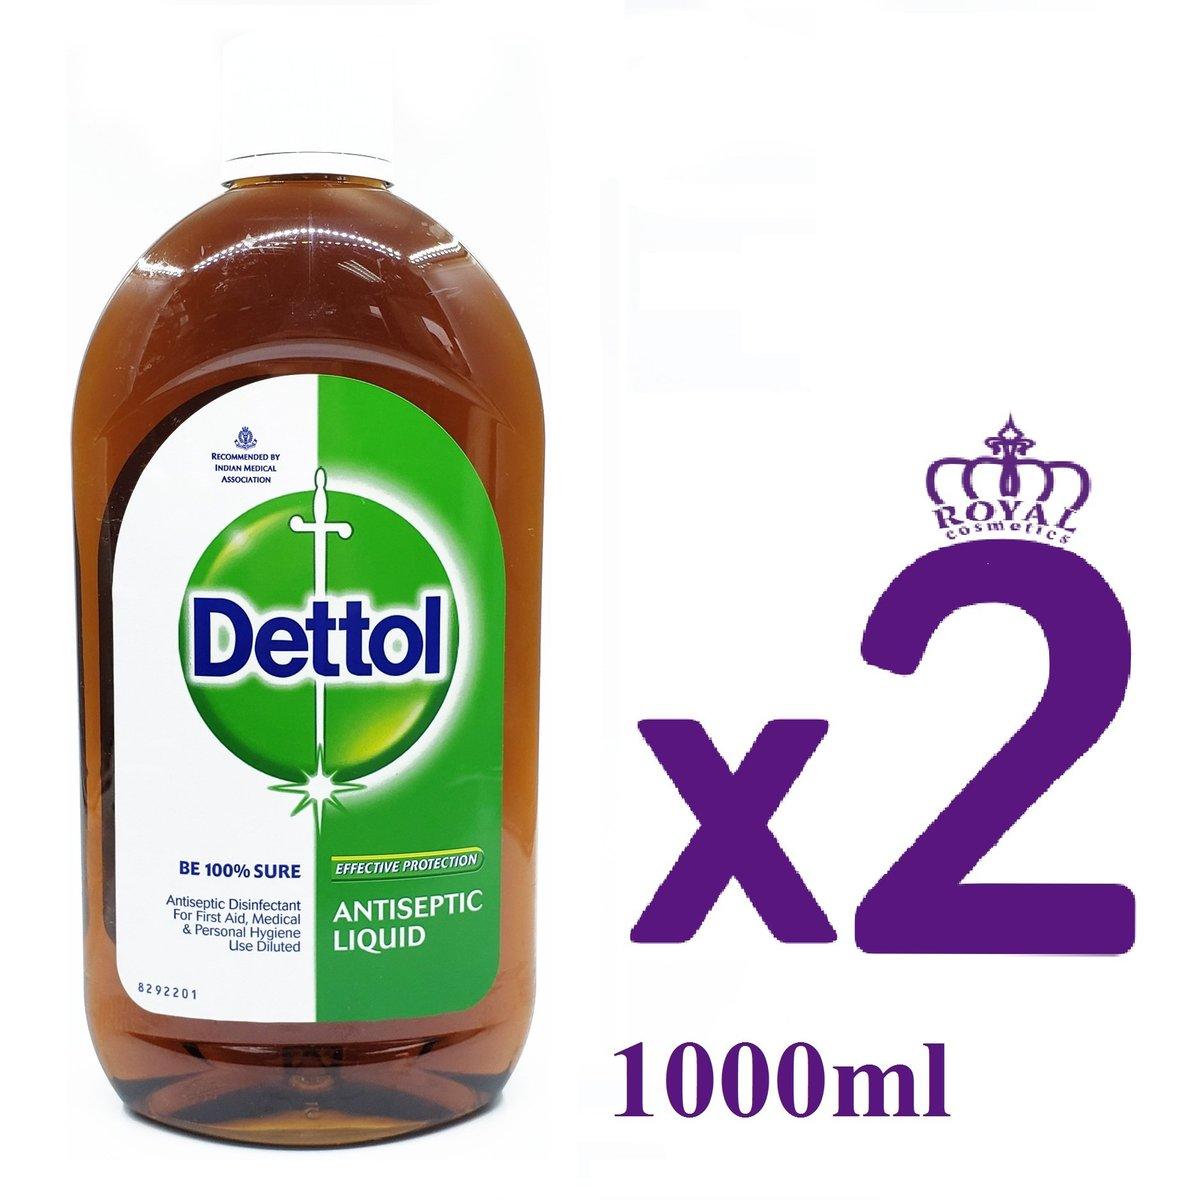 消毒藥水 1000ml x2 [平行進口] (8901396319702)